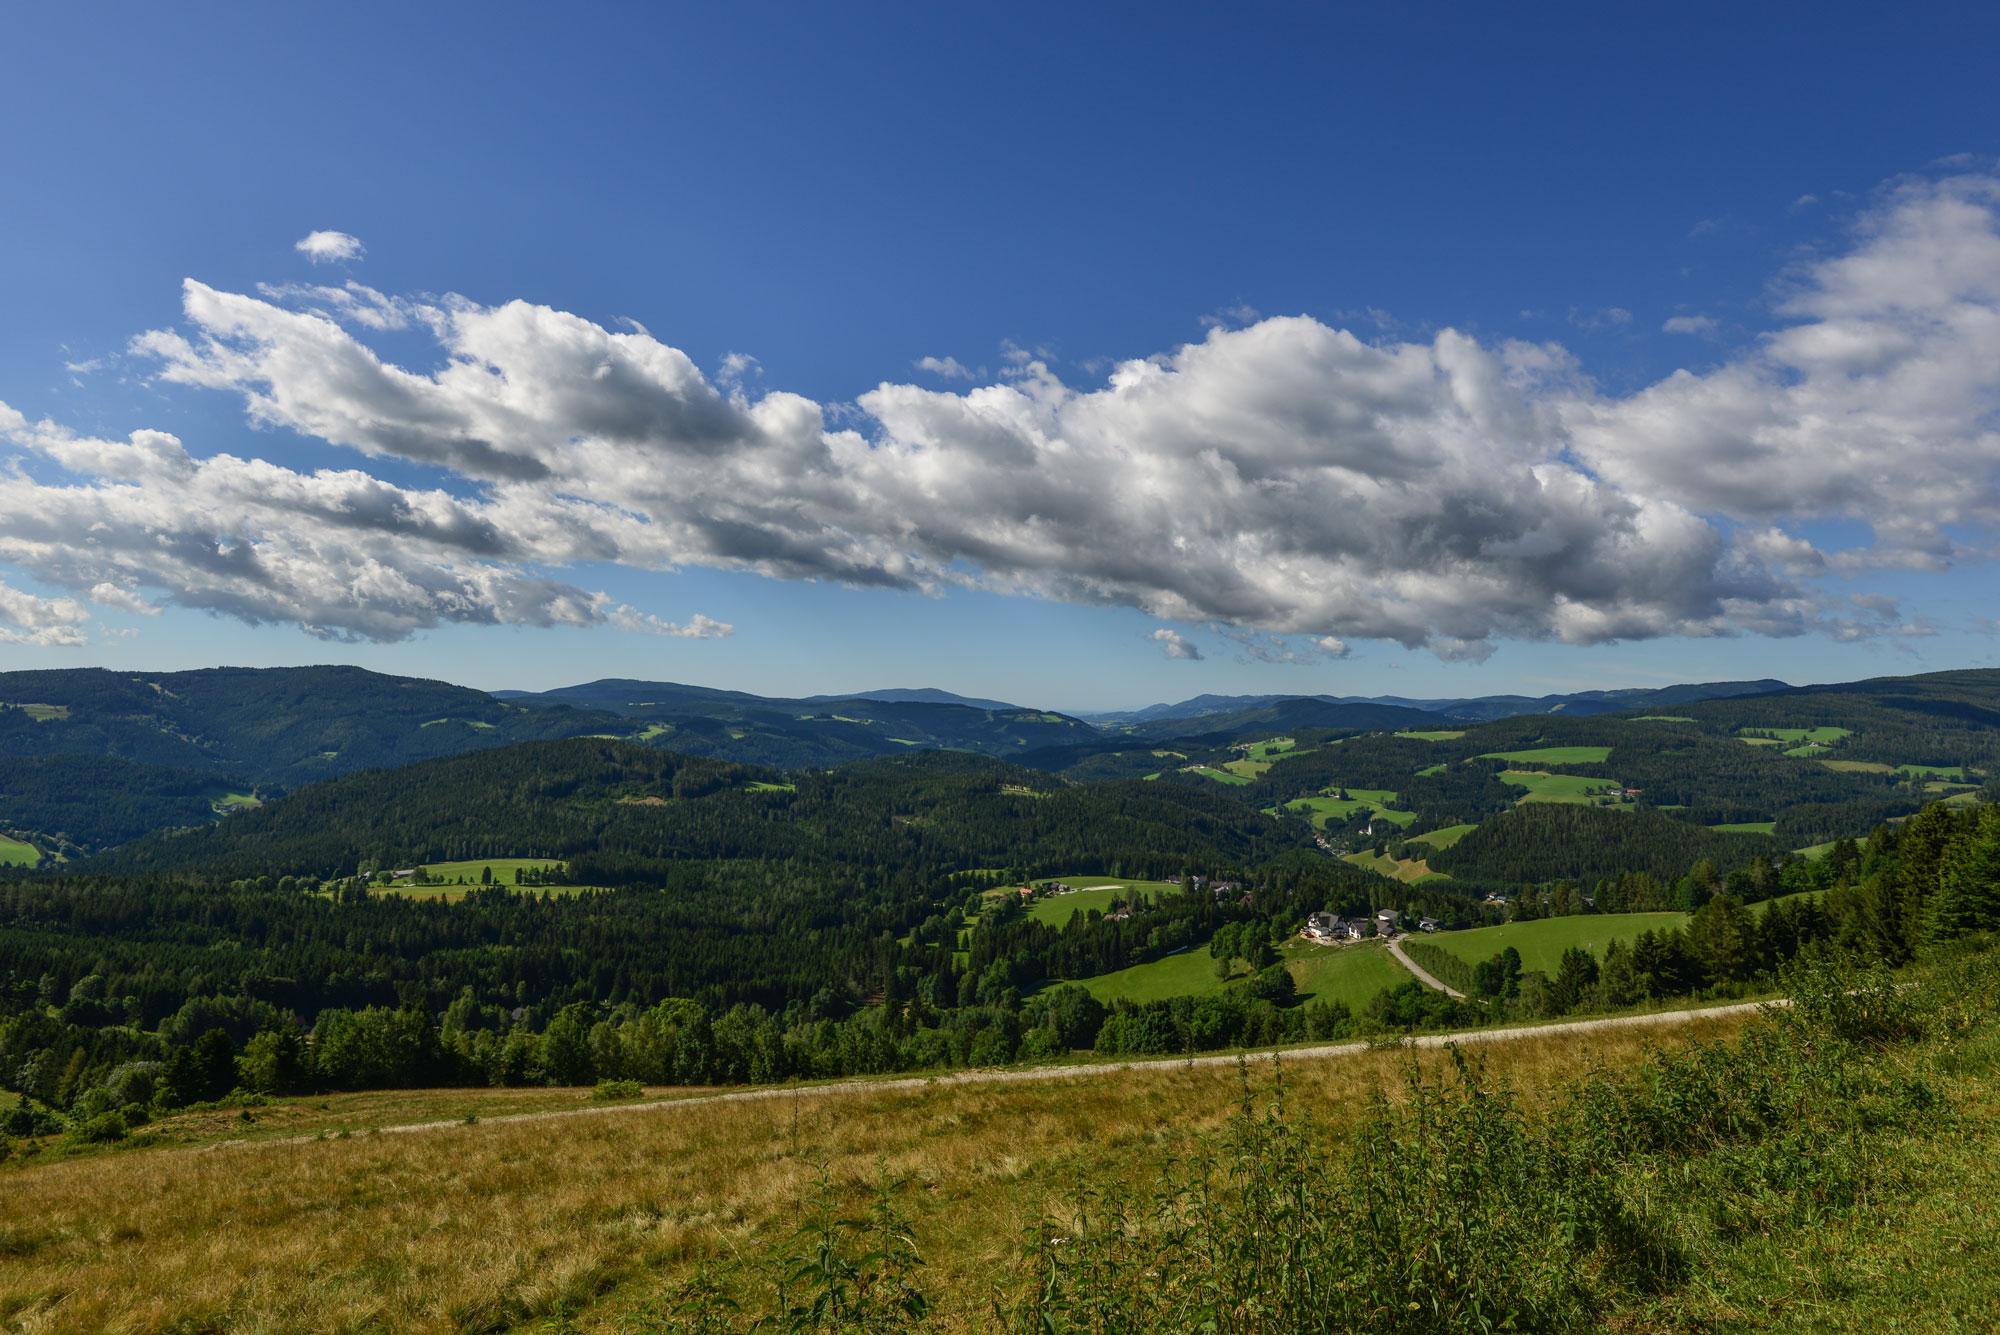 Blick in die Region Joglland – Waldheimat © TV Joglland - Waldheimat, Kurt Elmleitner